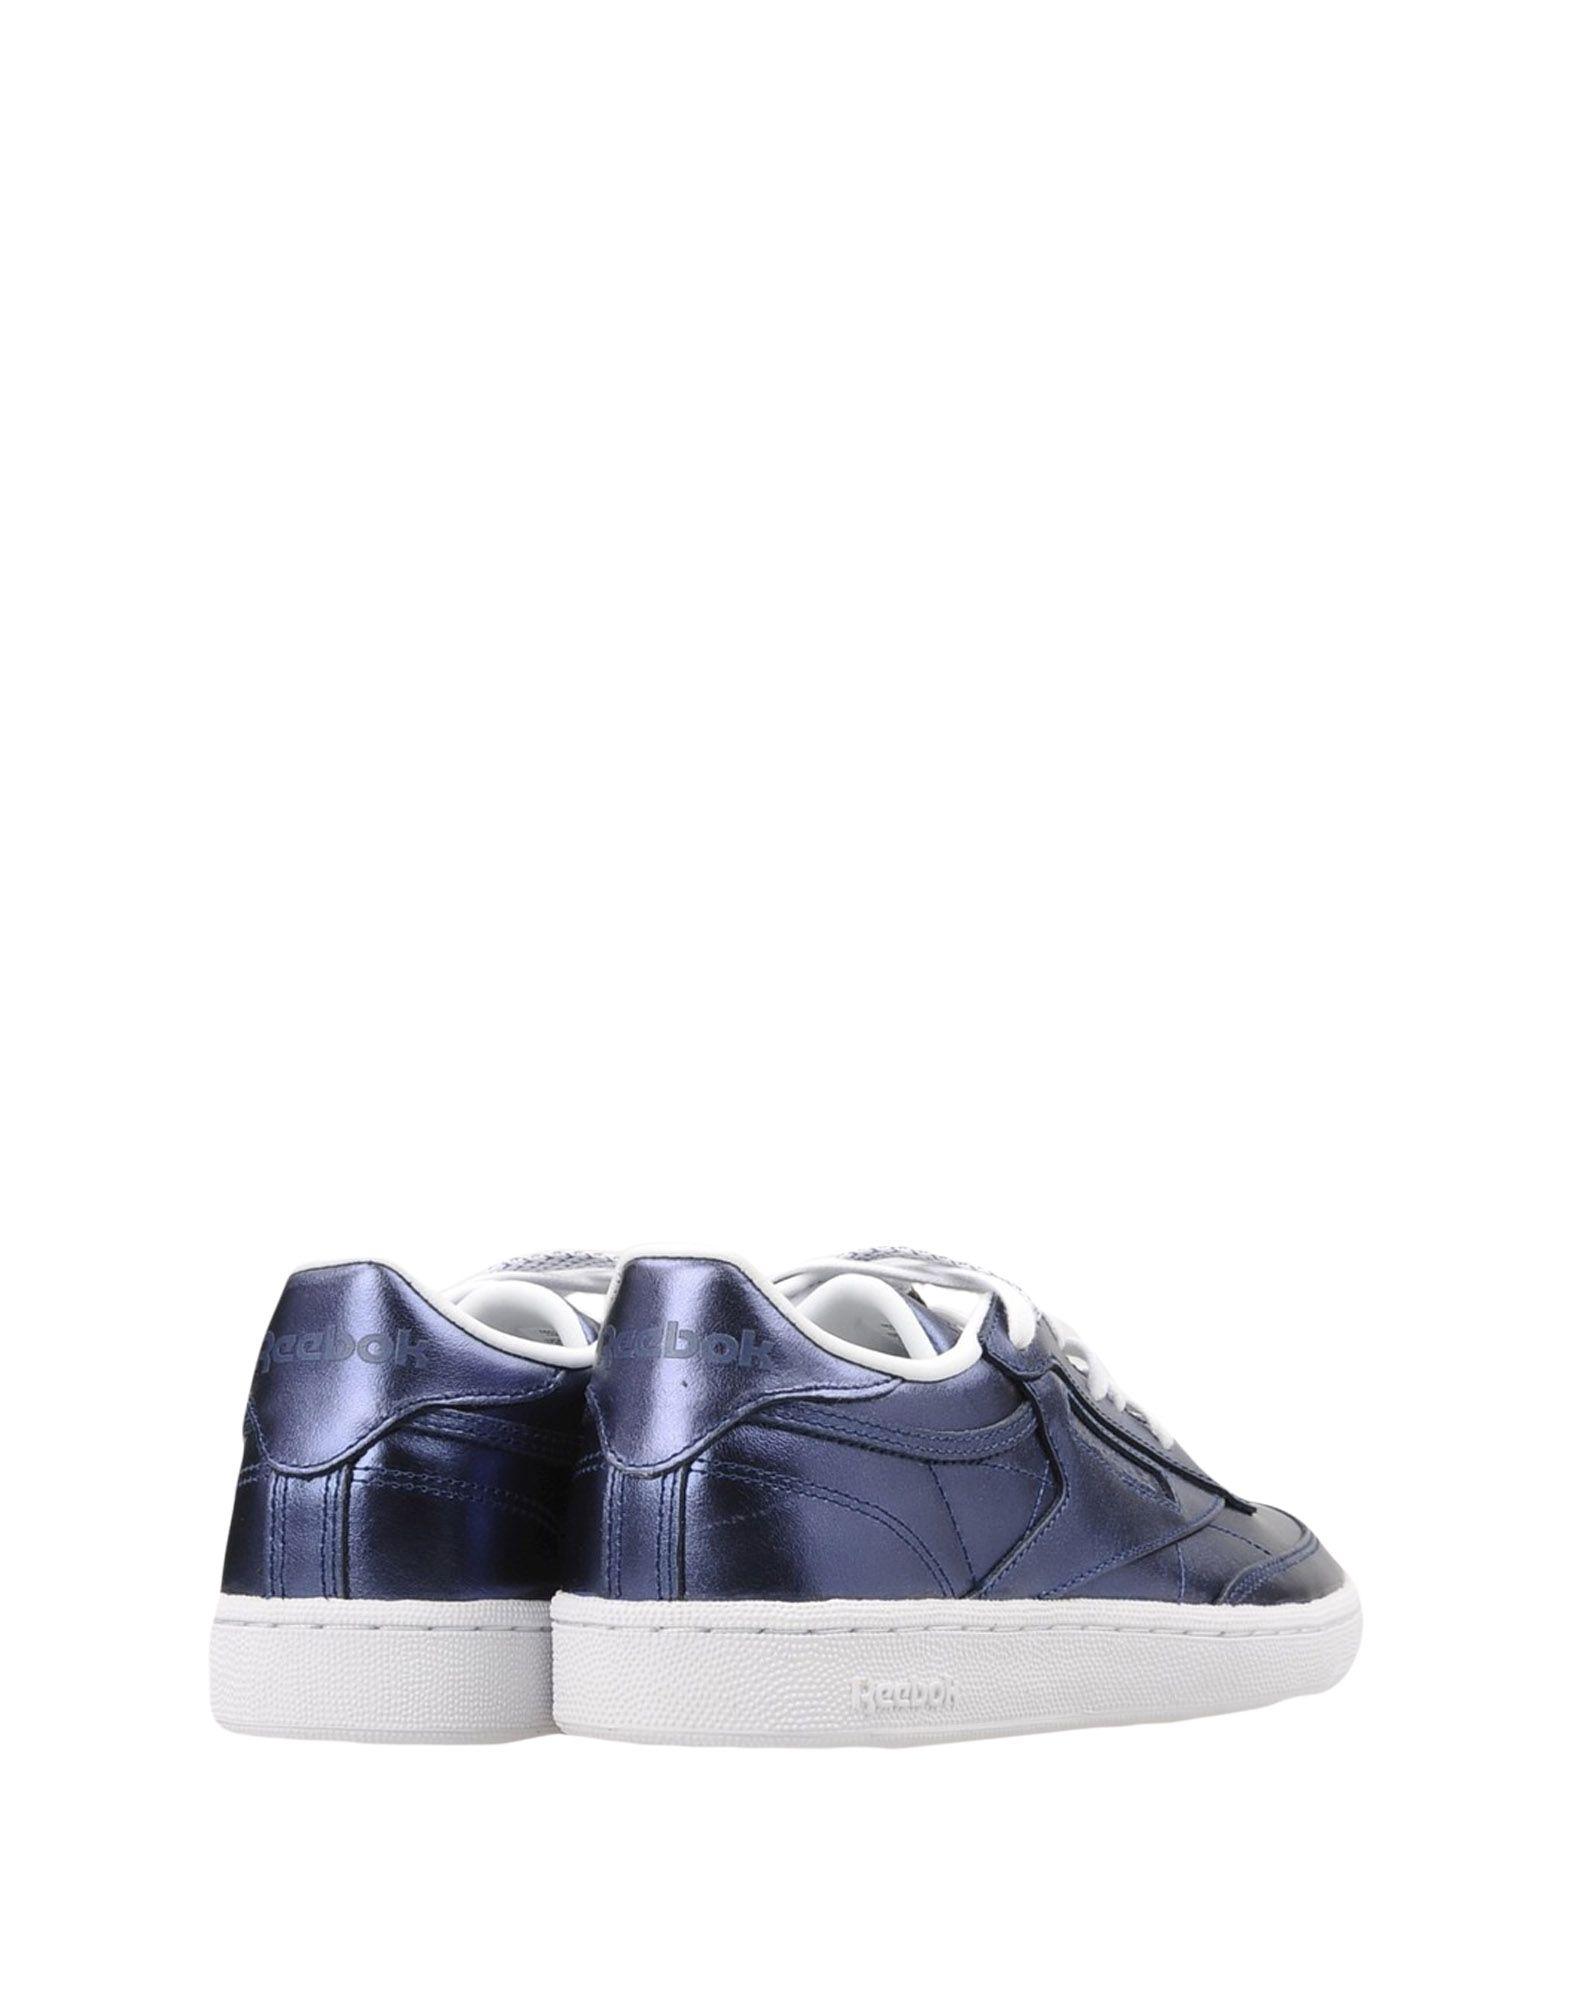 Reebok Club C 85 S Shine  11443484PS Gute Qualität beliebte Schuhe